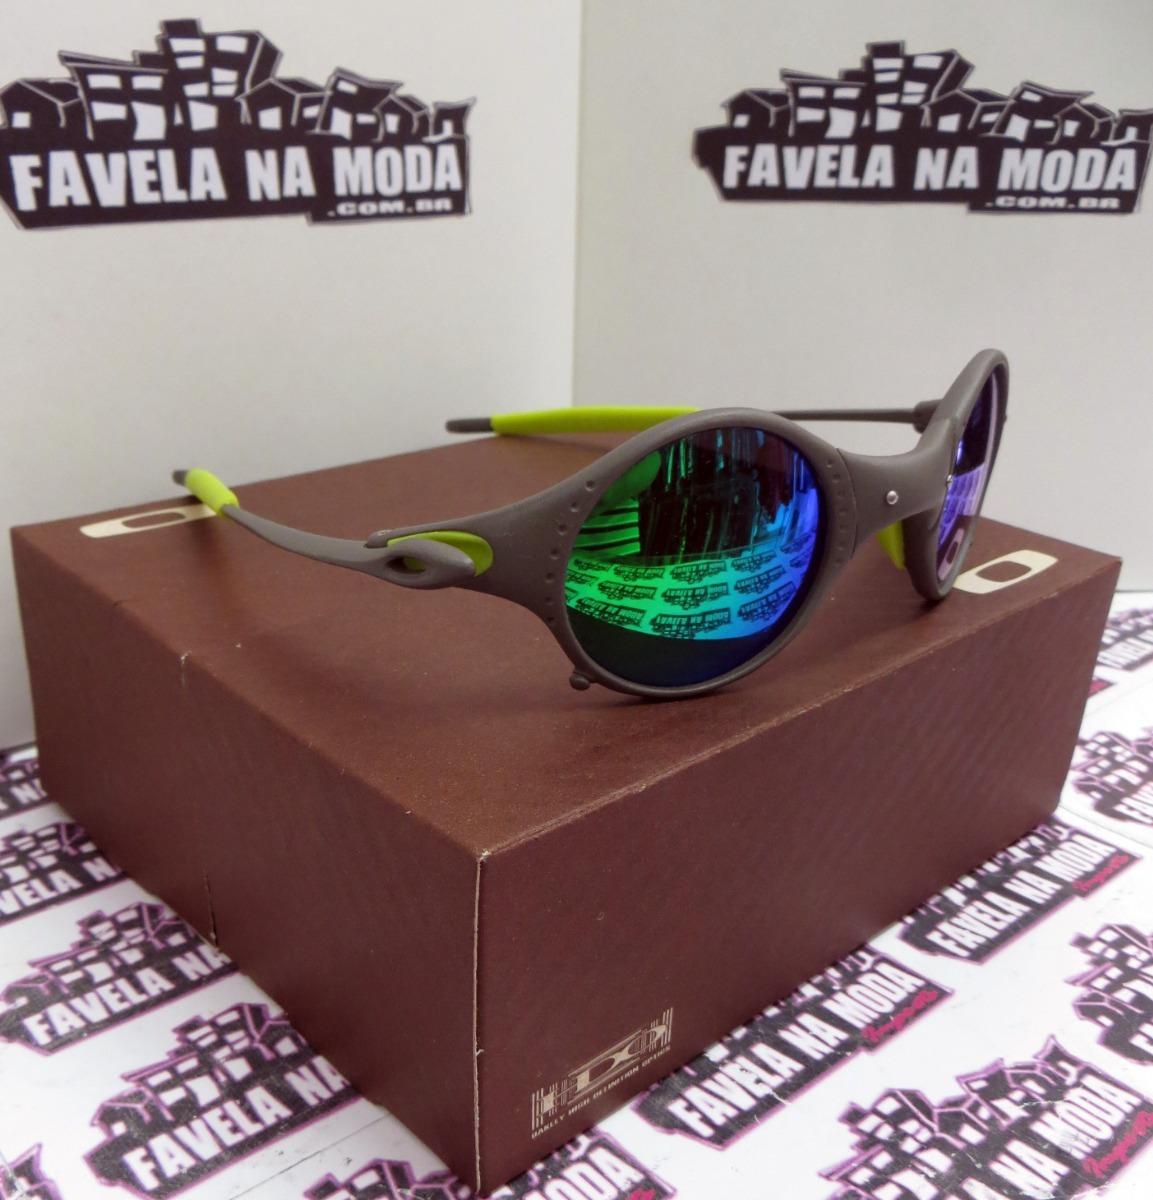 de634f2b83324 óculos oakley mars   xmetal   green jade   verde + lentes. Carregando zoom.